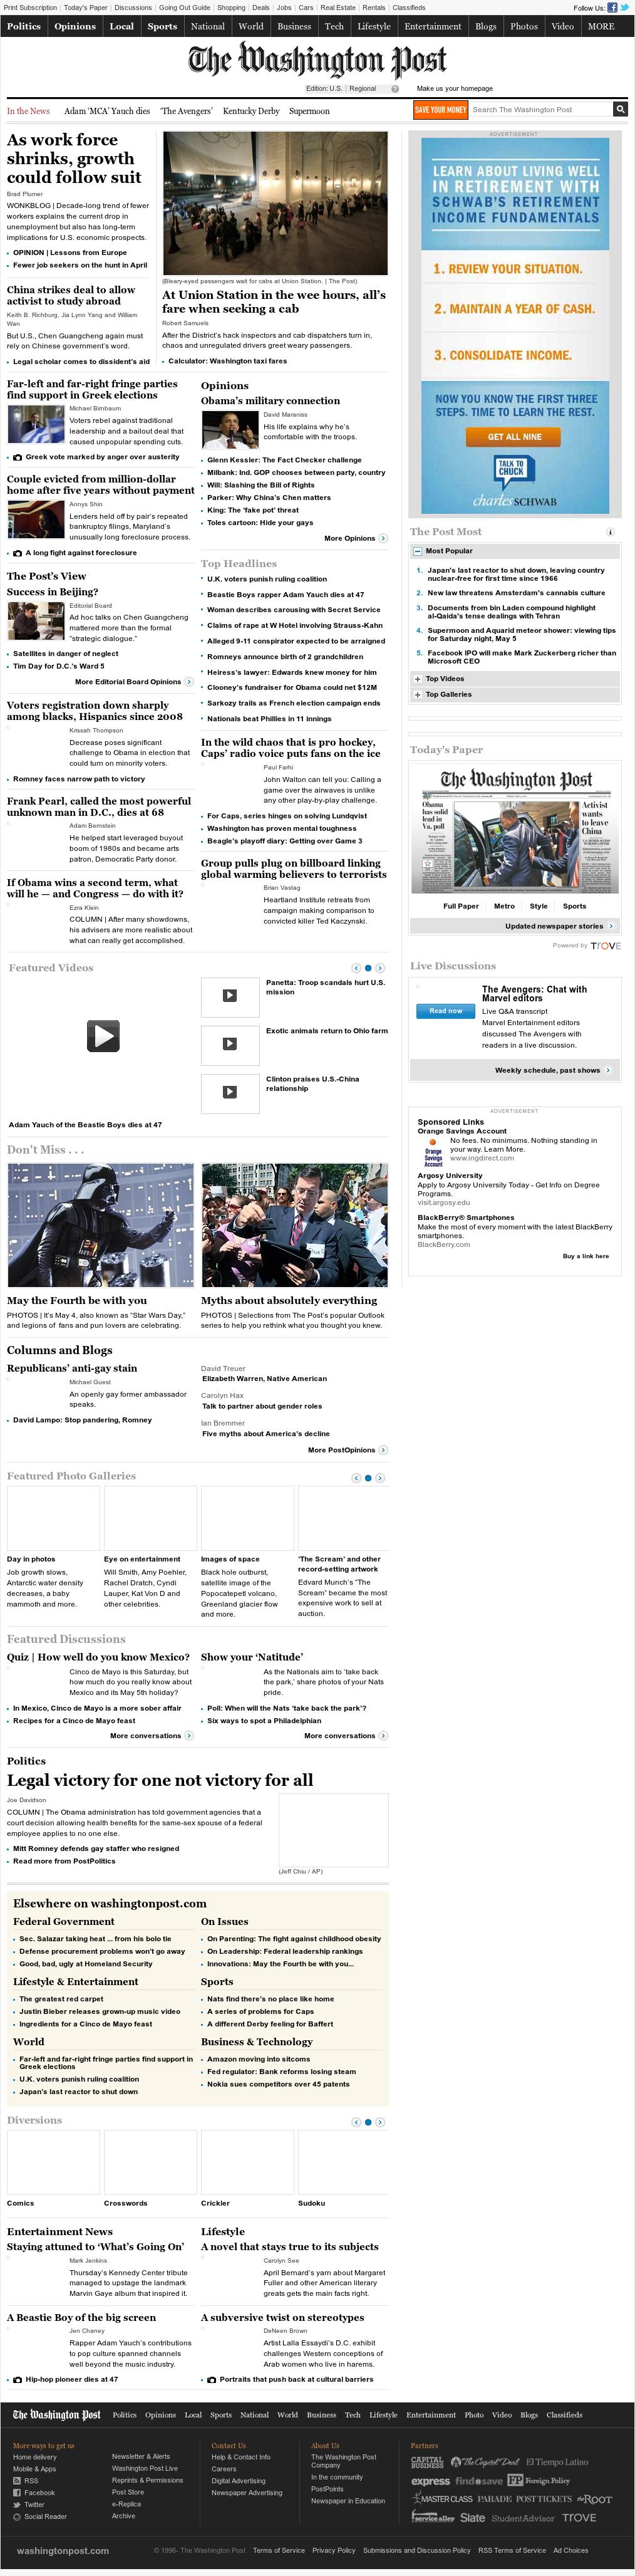 The Washington Post at Saturday May 5, 2012, 4:15 a.m. UTC